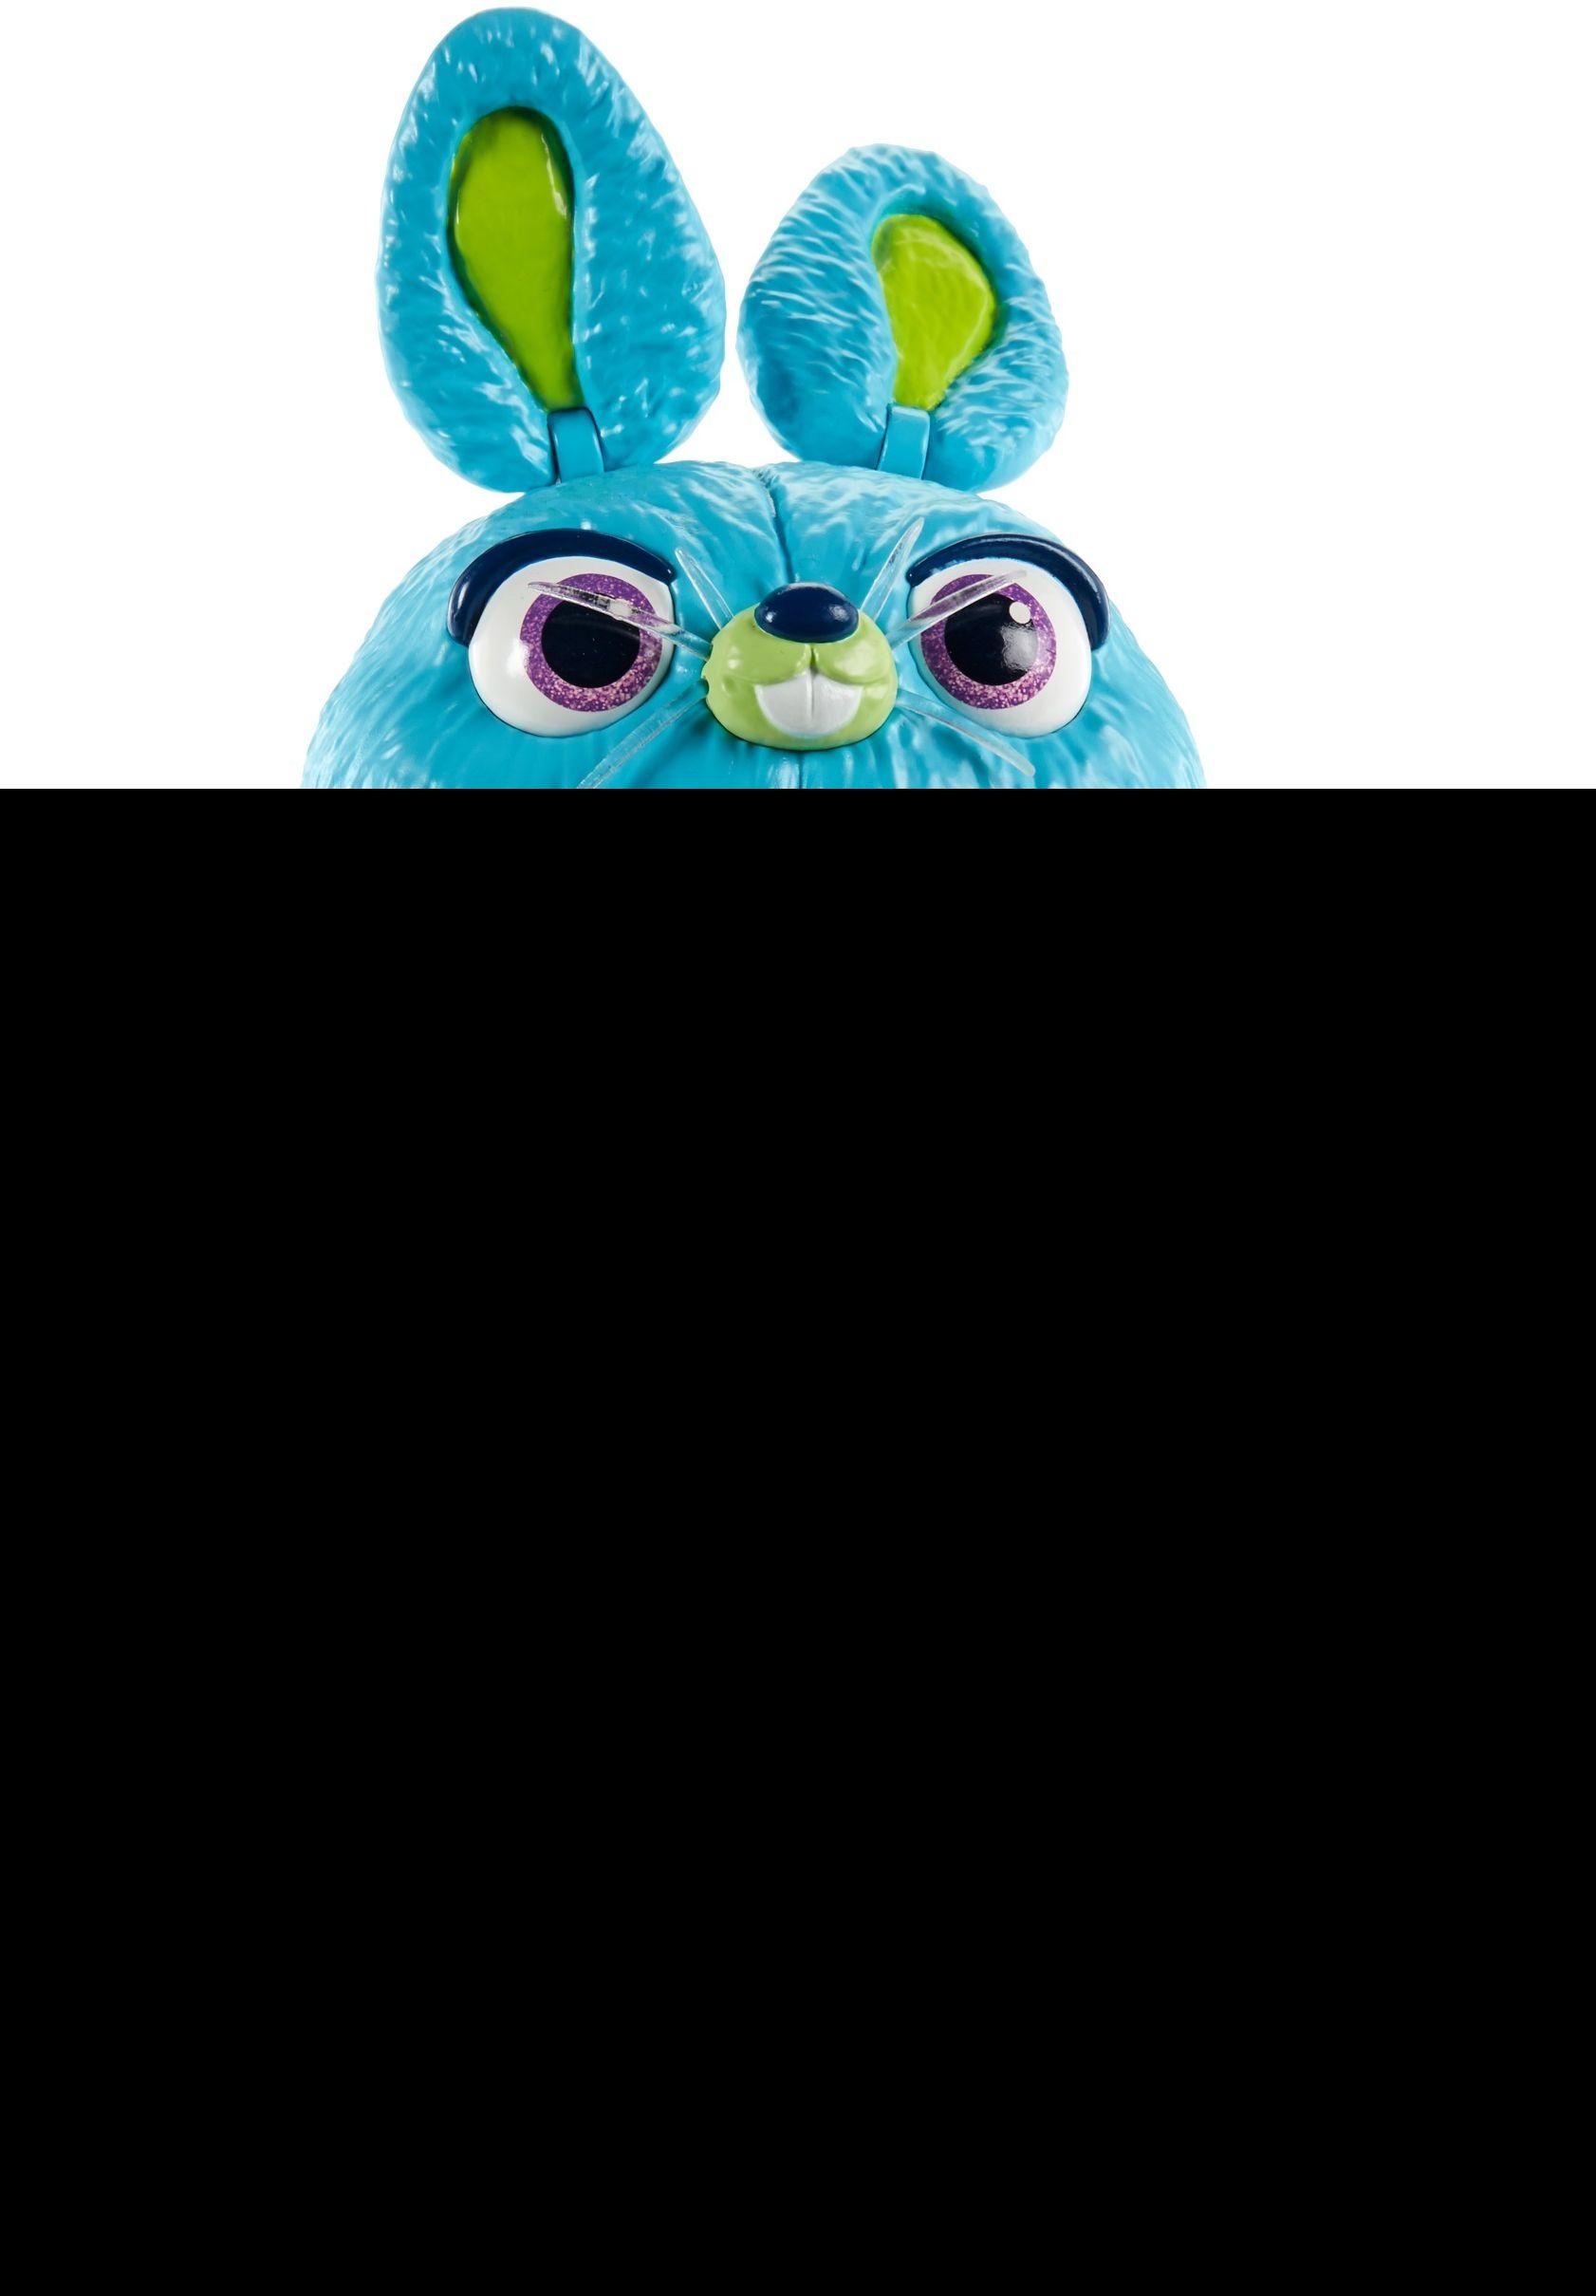 Disney Pixar Toy Story 4 Bunny Personaggio articolato da 18 cm